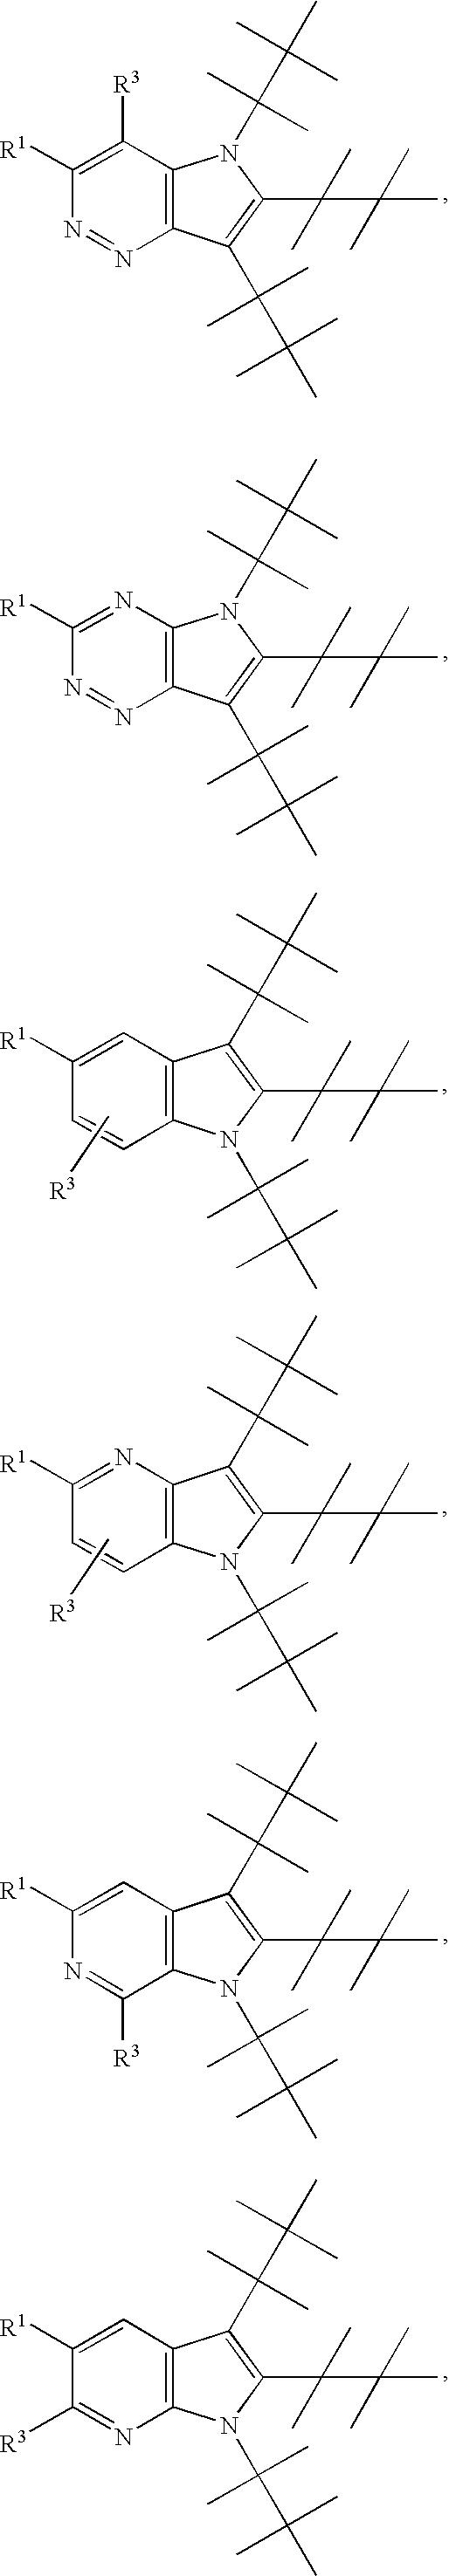 Figure US20070049593A1-20070301-C00028